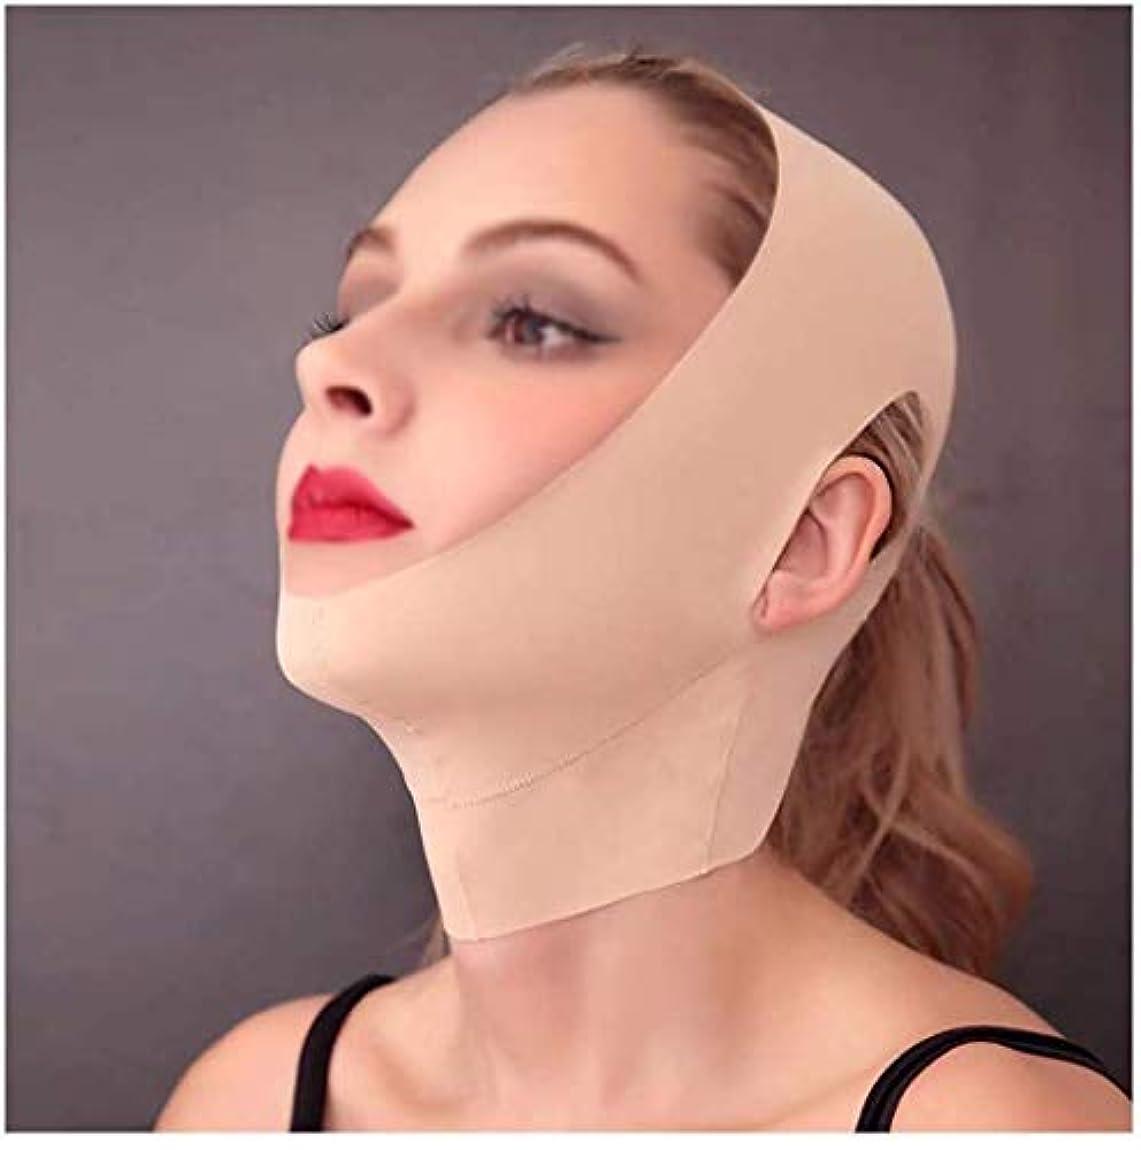 複合気分舌な美容と実用的なフェイシャルマスク、フェイスリフティングアーティファクト女性男性スリープフェイスVフェイスバンデージマスクリフティングフェイス補正ファーミングフェイスツーダブルチンスリミングベルト